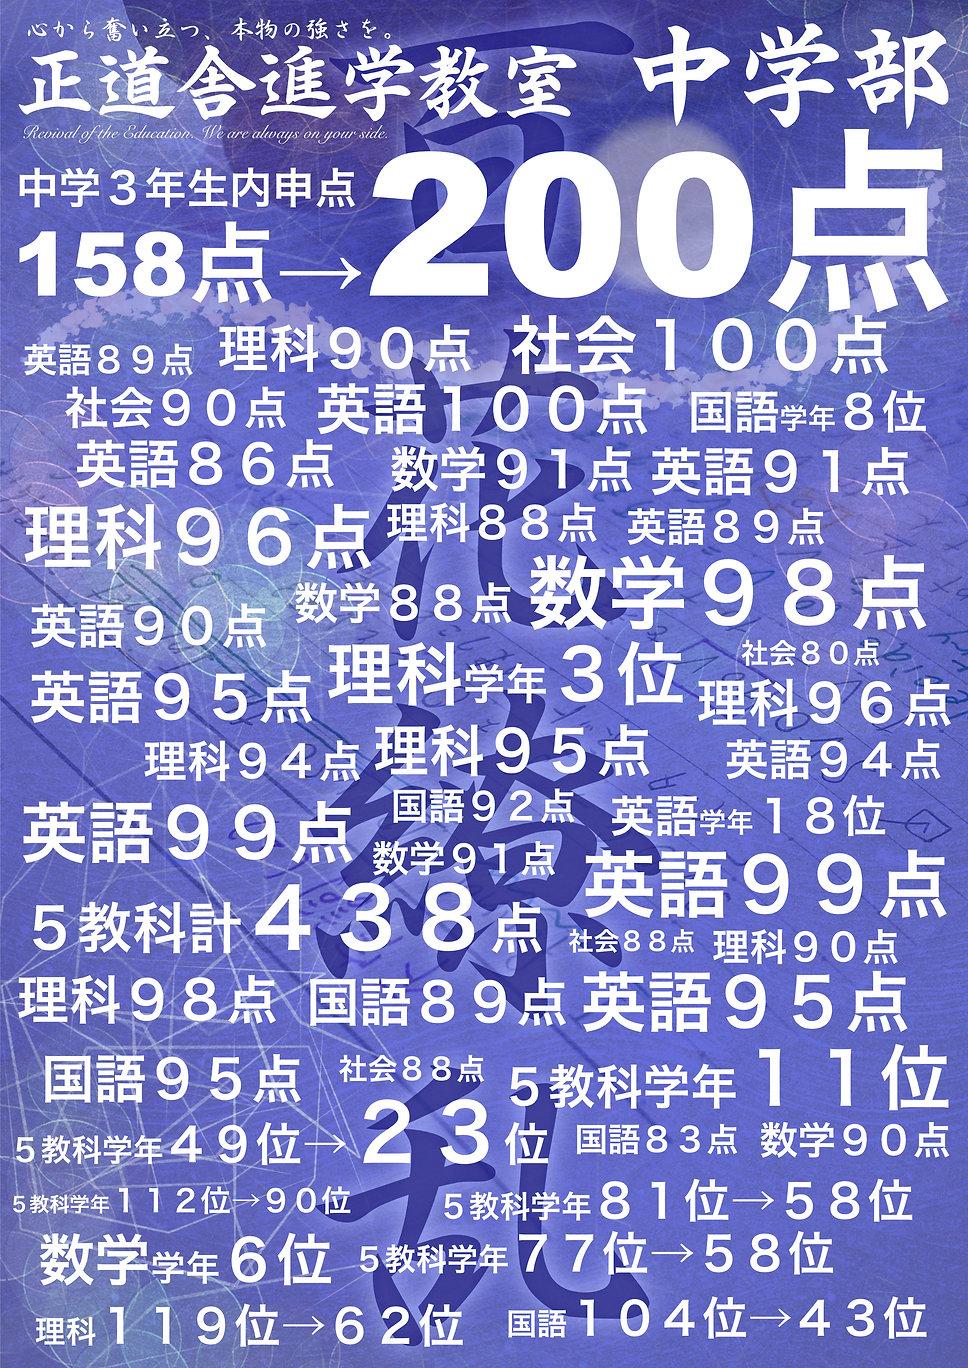 20201期成績.jpg